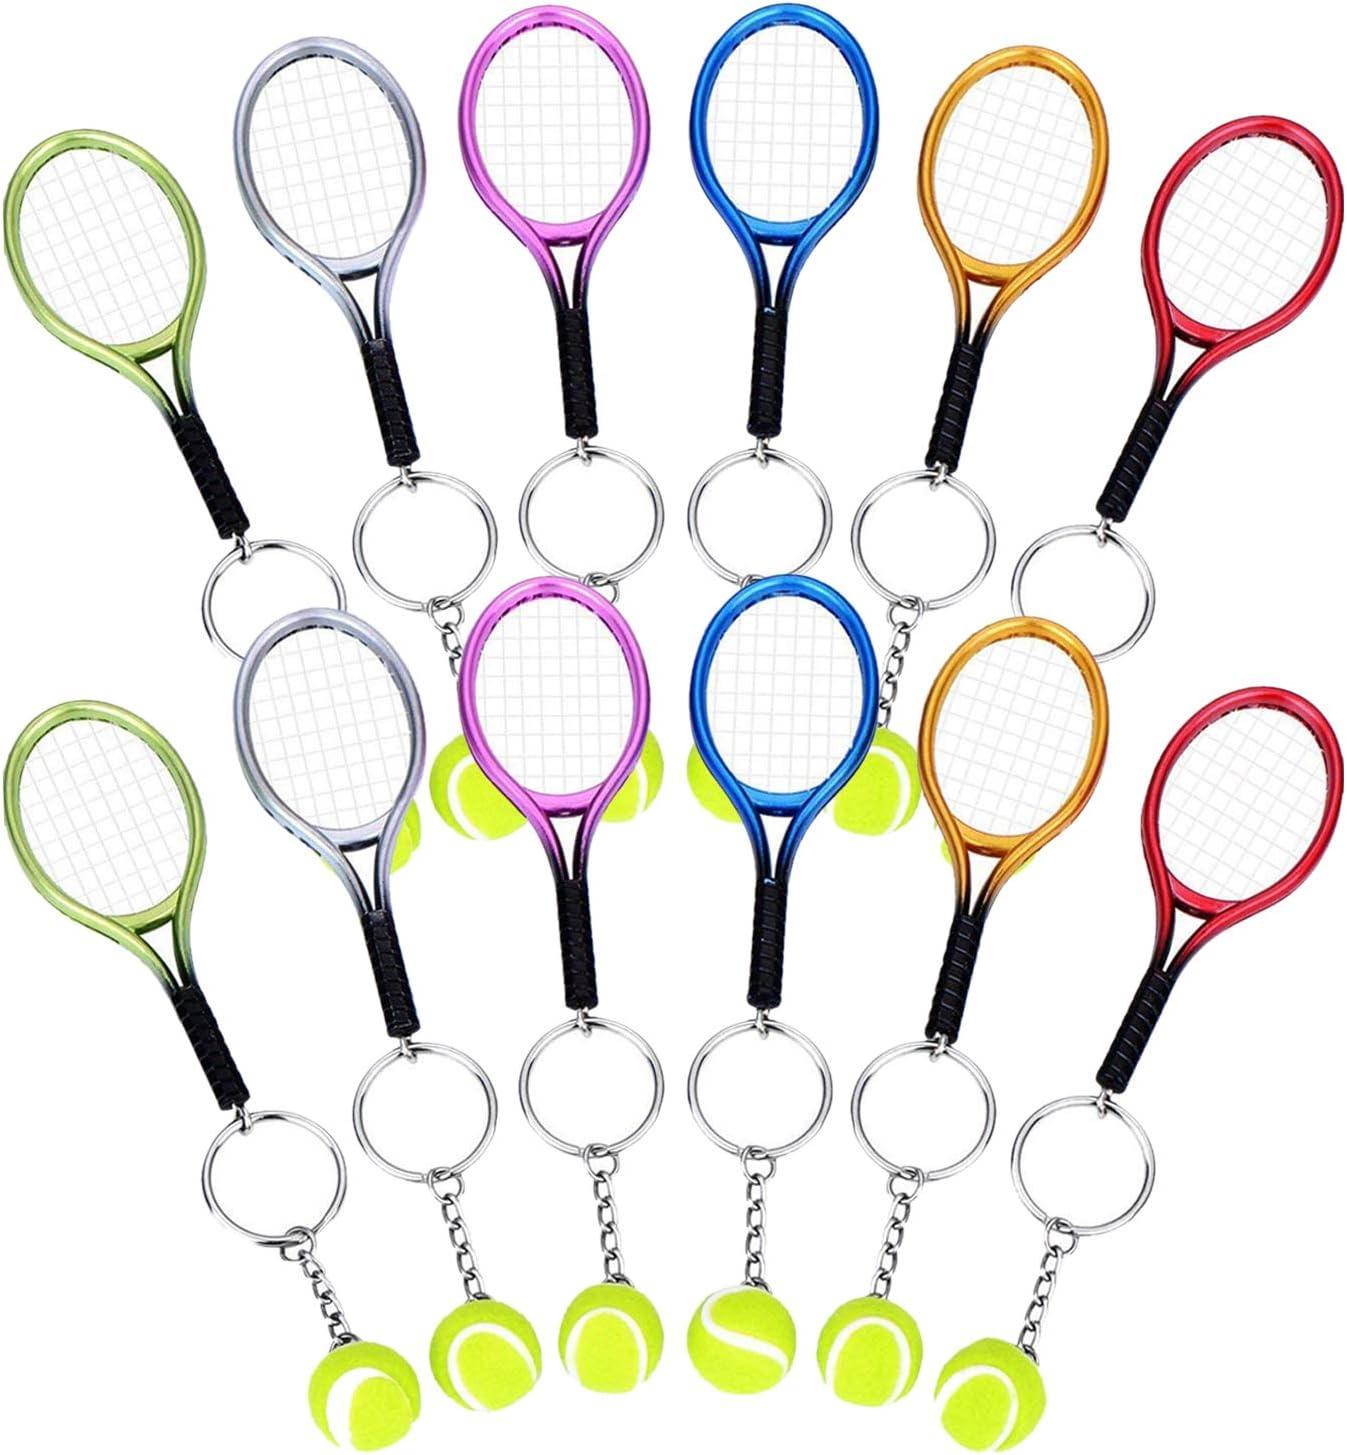 Tenis Raqueta Llavero, Comius 12 Pcs Mini Llave Anillo, Novedad ...